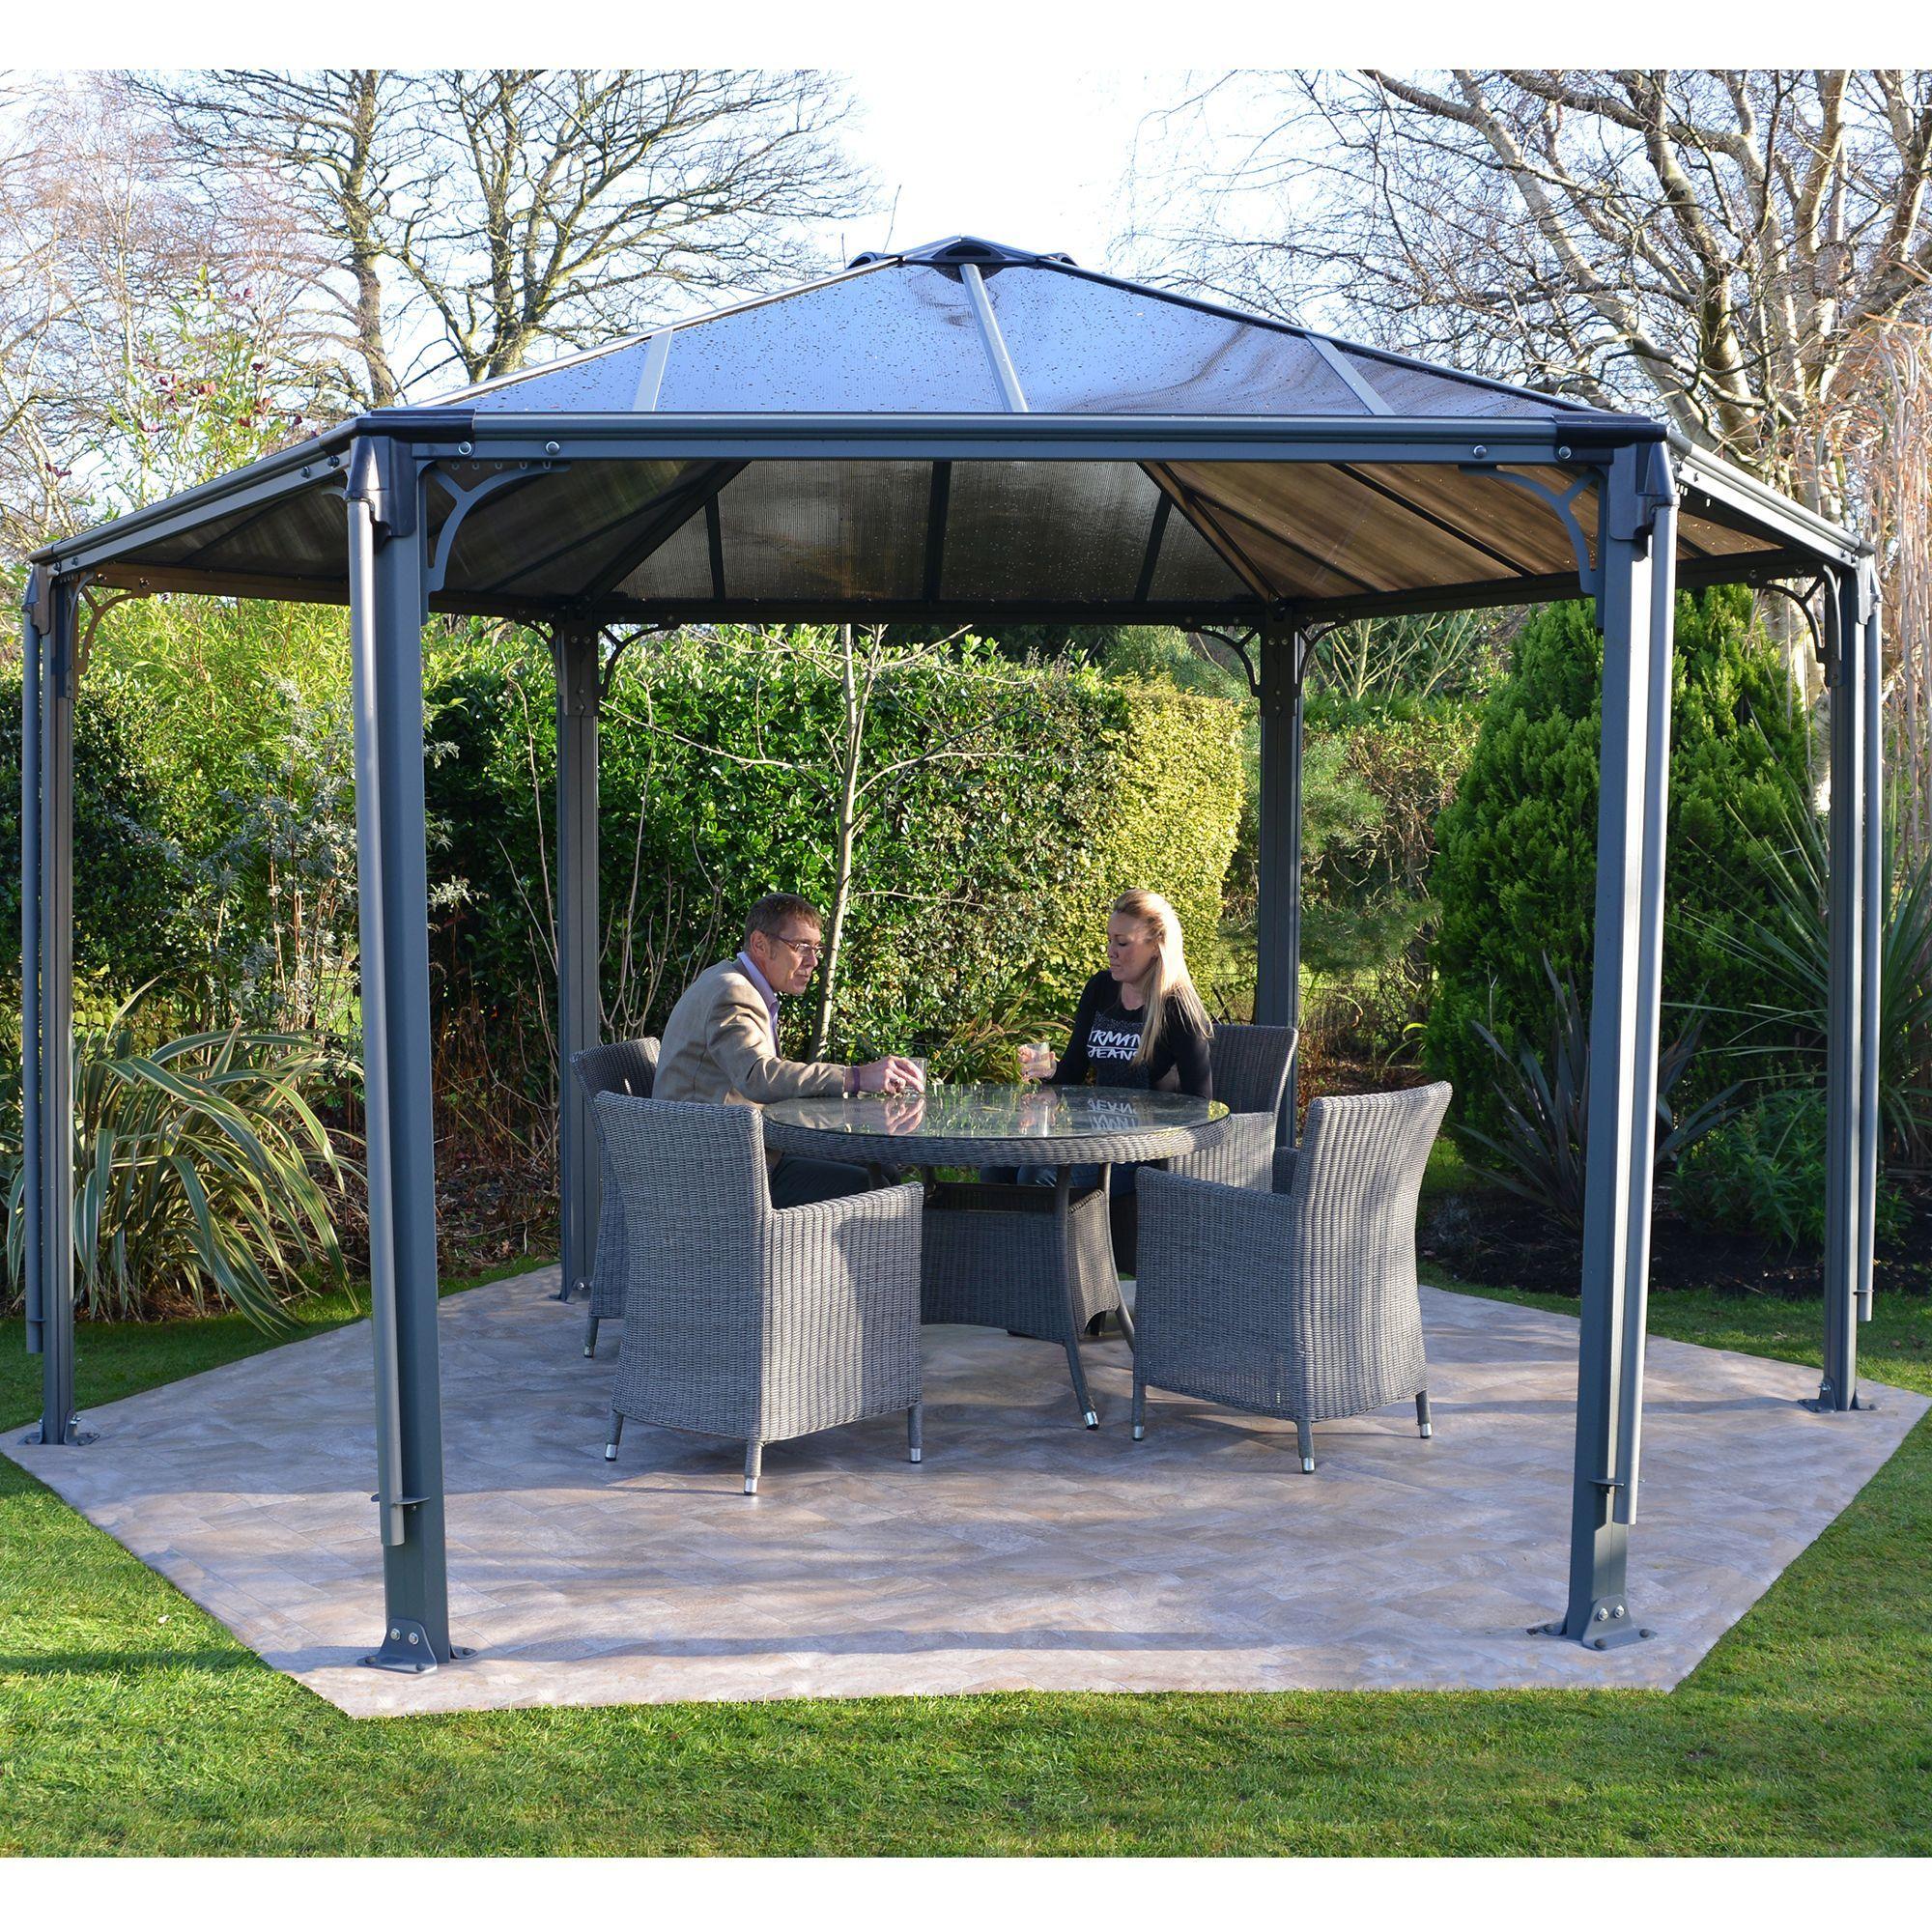 tonnelle hexagonale kiosque jardin par pi ce alin a fr d coration int rieur alinea. Black Bedroom Furniture Sets. Home Design Ideas